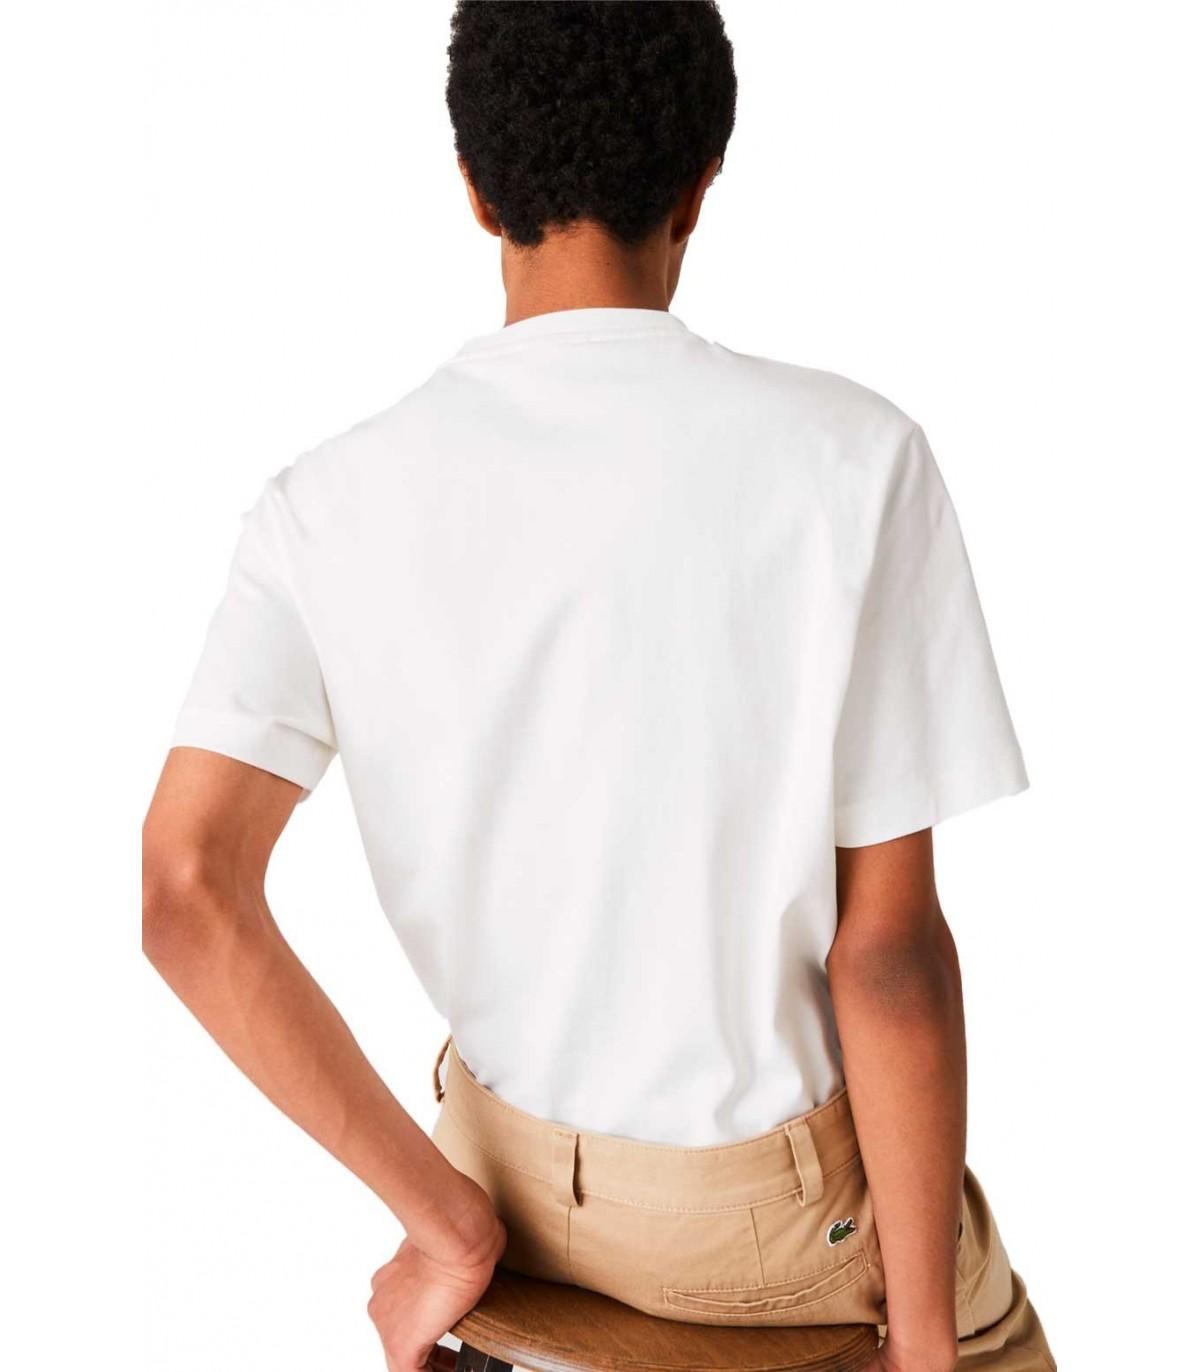 Lacoste Camisola para Hombre